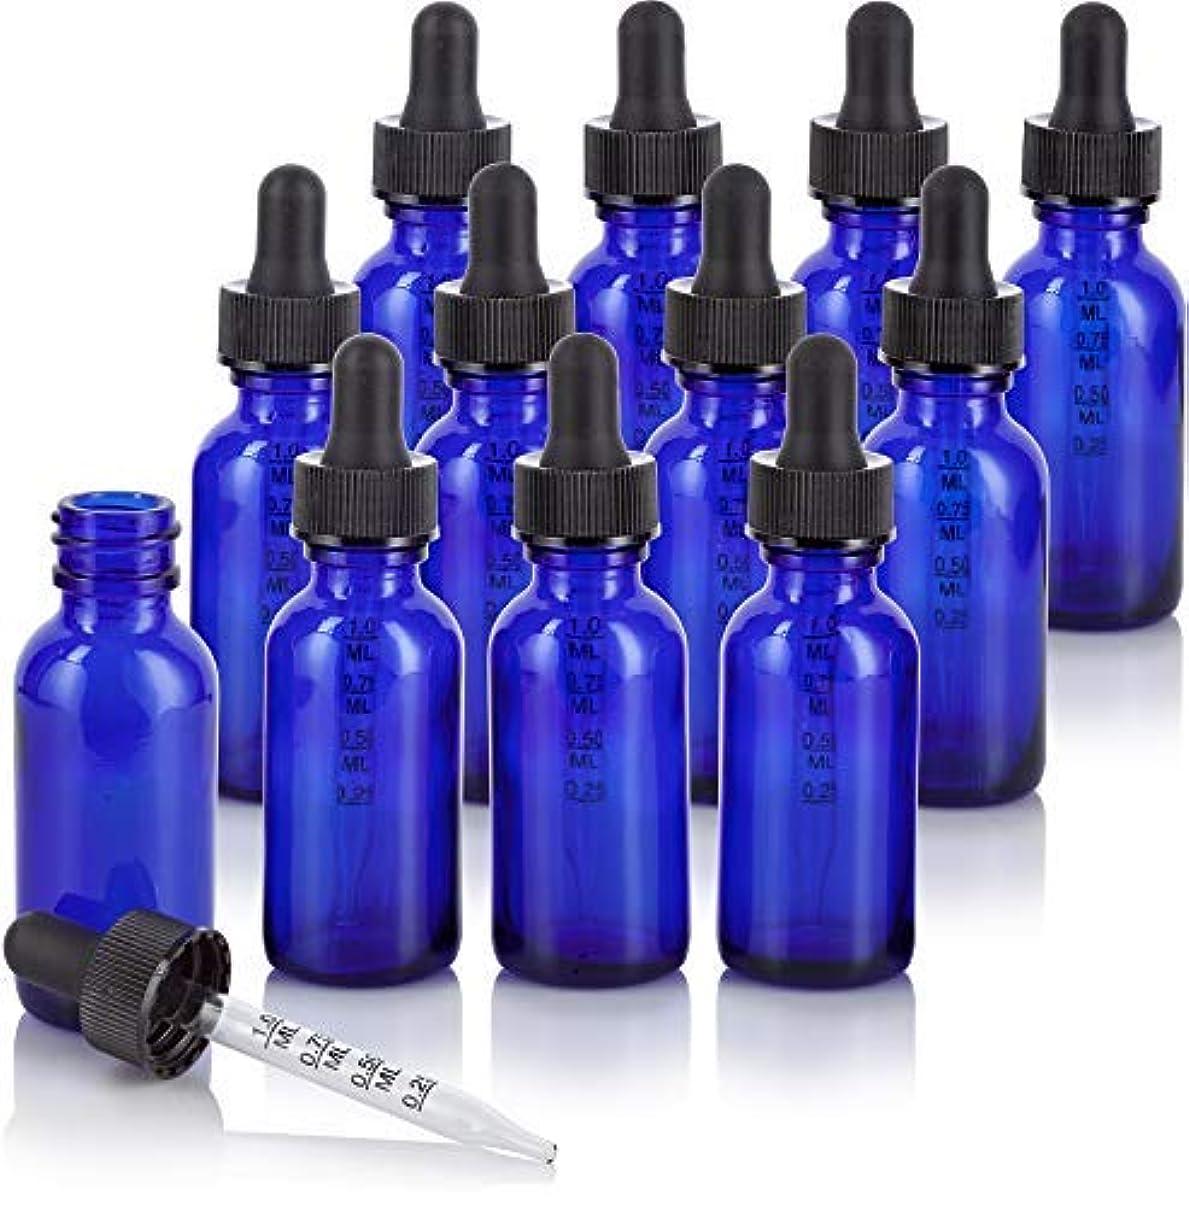 藤色受け皿支援する1 oz Cobalt Blue Glass Boston Round Graduated Measurement Glass Dropper Bottle (12 pack) + Funnel for essential...